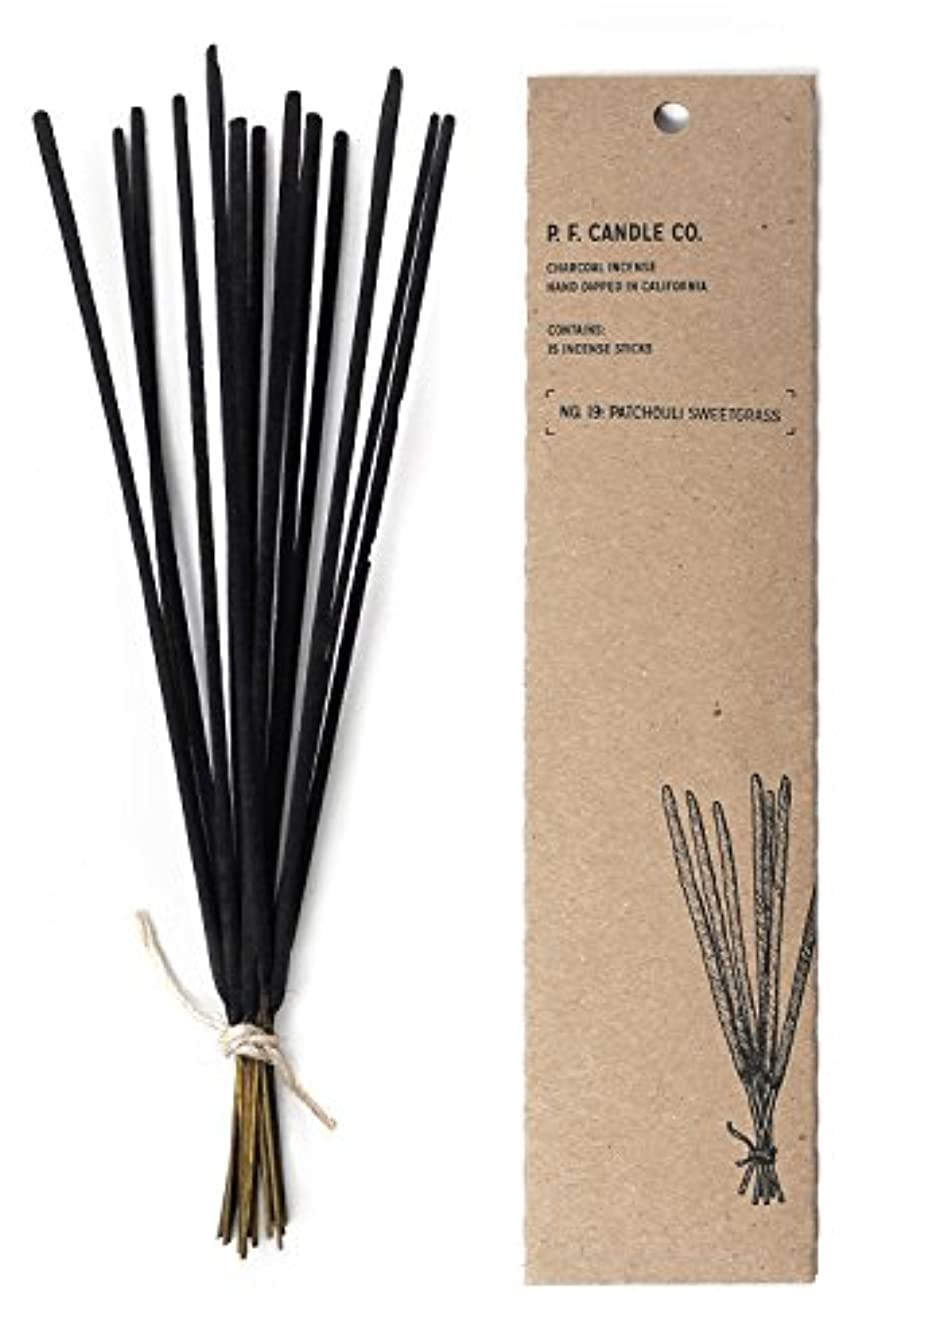 回復塗抹返済p.f. Candle Co。 – No。19 : Patchouli Sweetgrass Incense 2-Pack